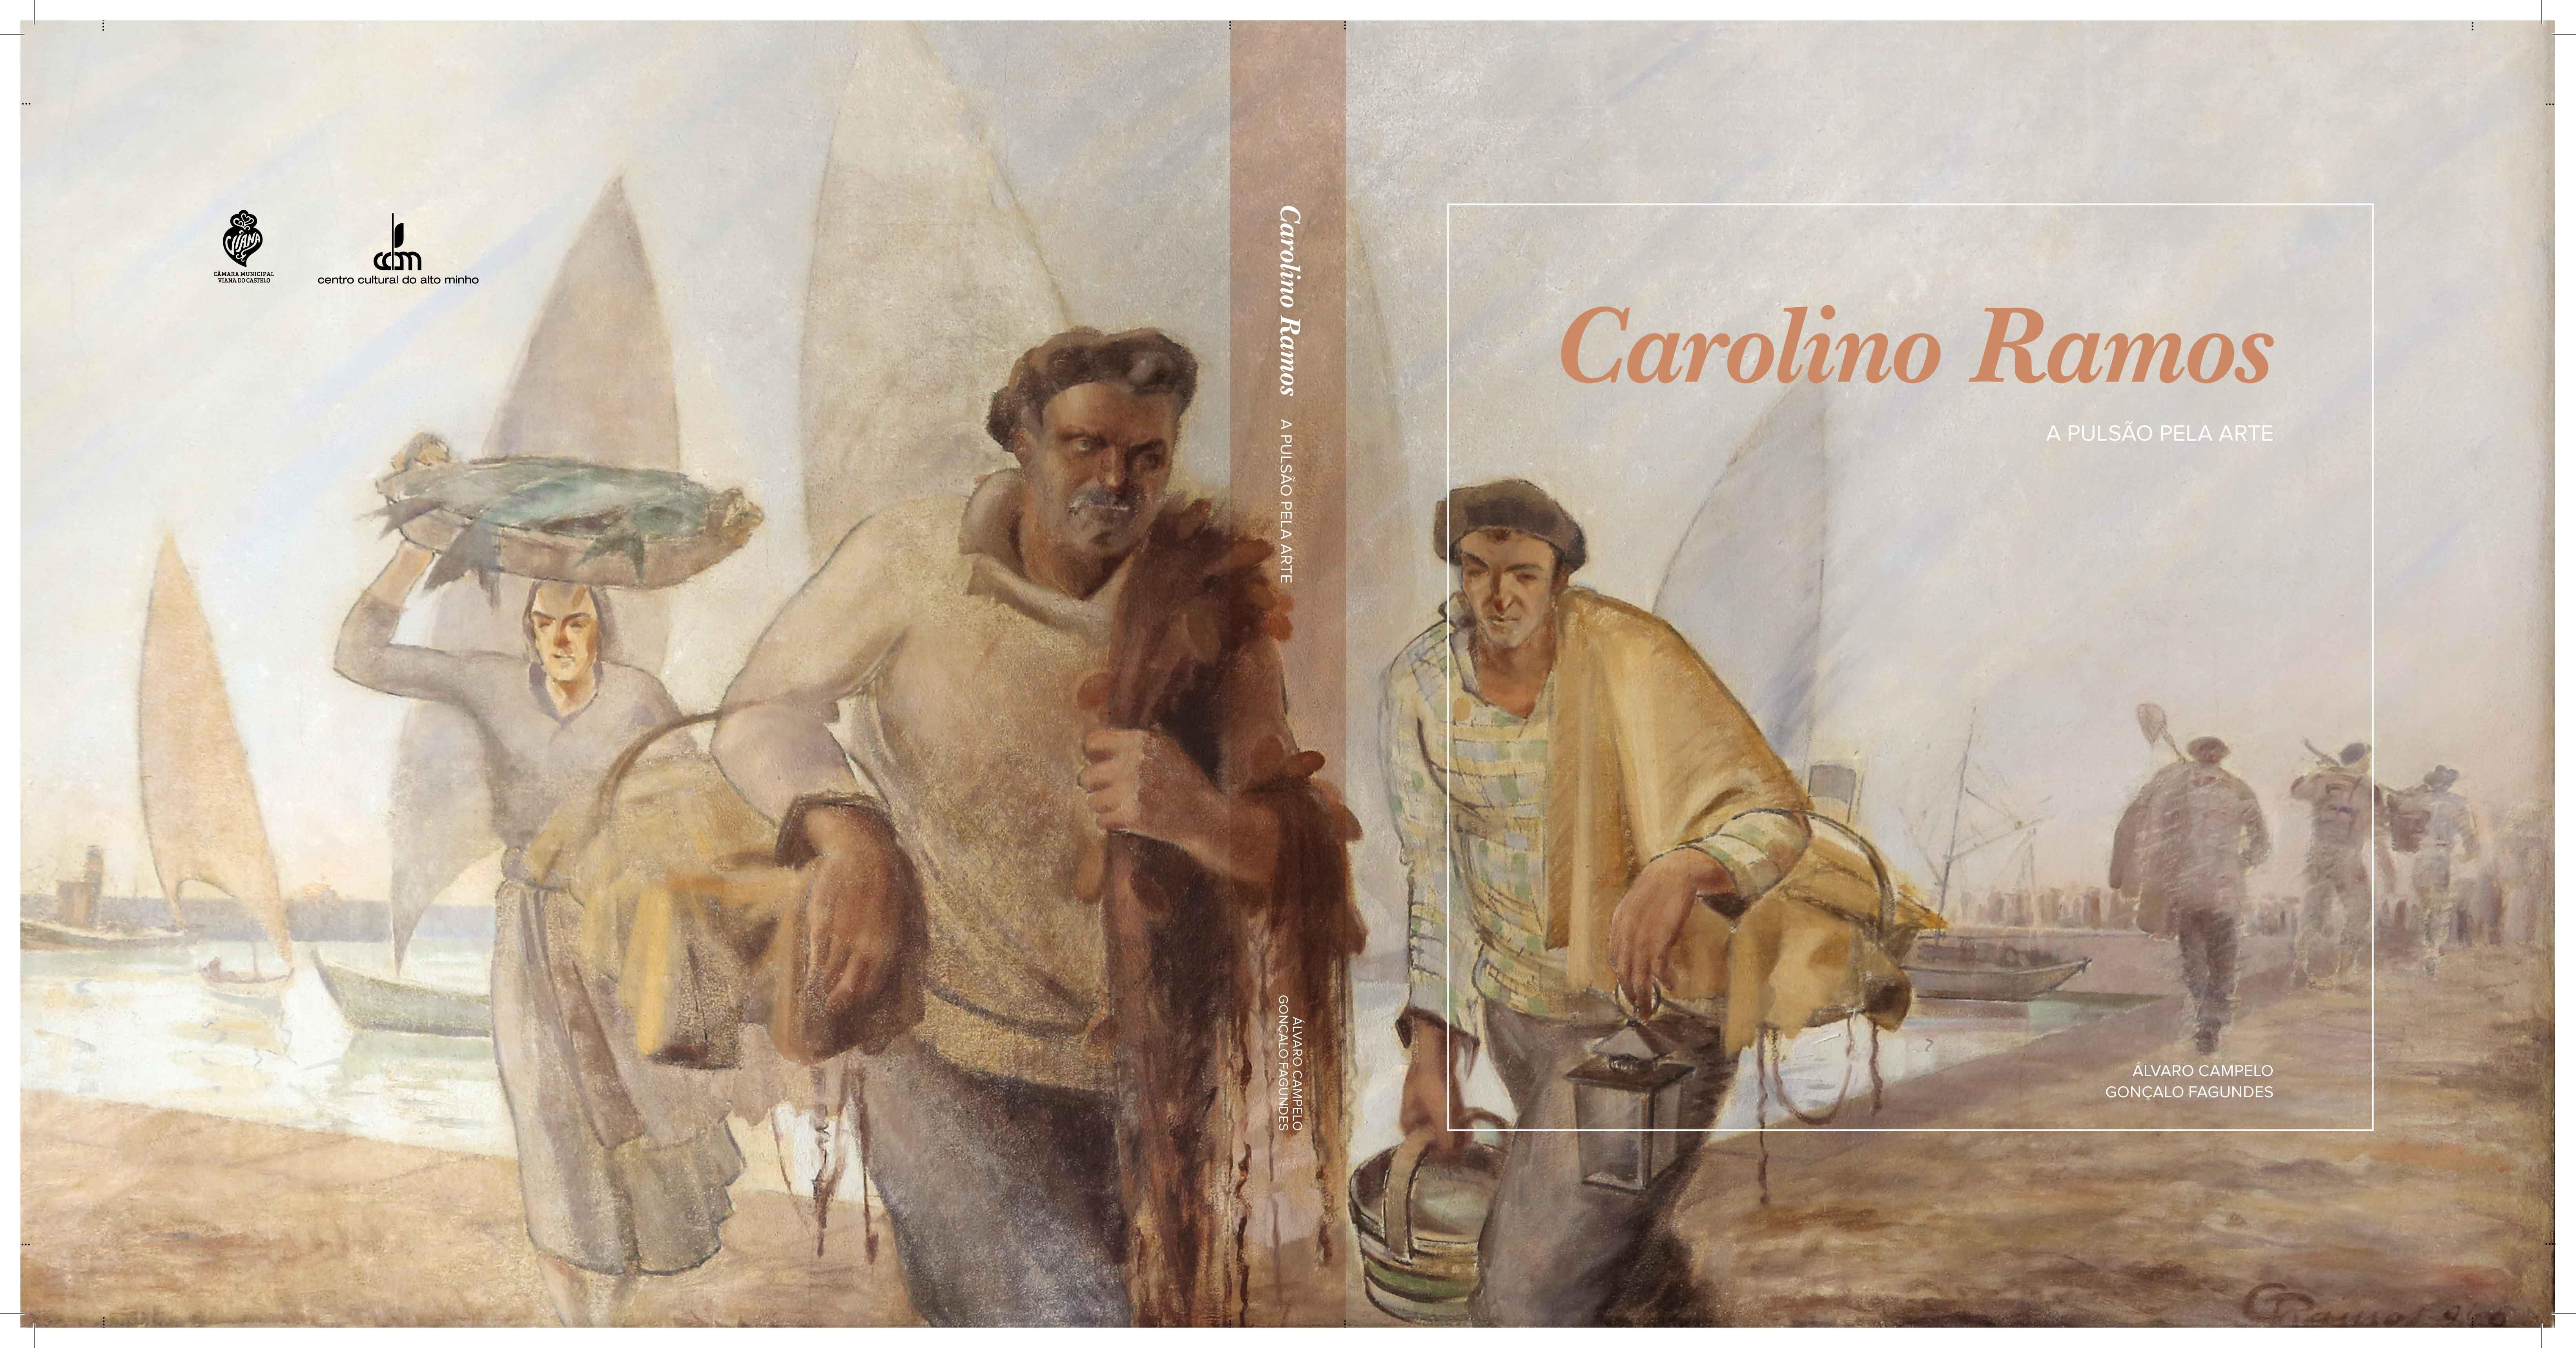 https://sites.google.com/a/centroculturaldoaltominho.org/ccam/actividades/publicacoes/cronos/cronos-artes/Carolino%20Ramos%20-%20Capa.jpg